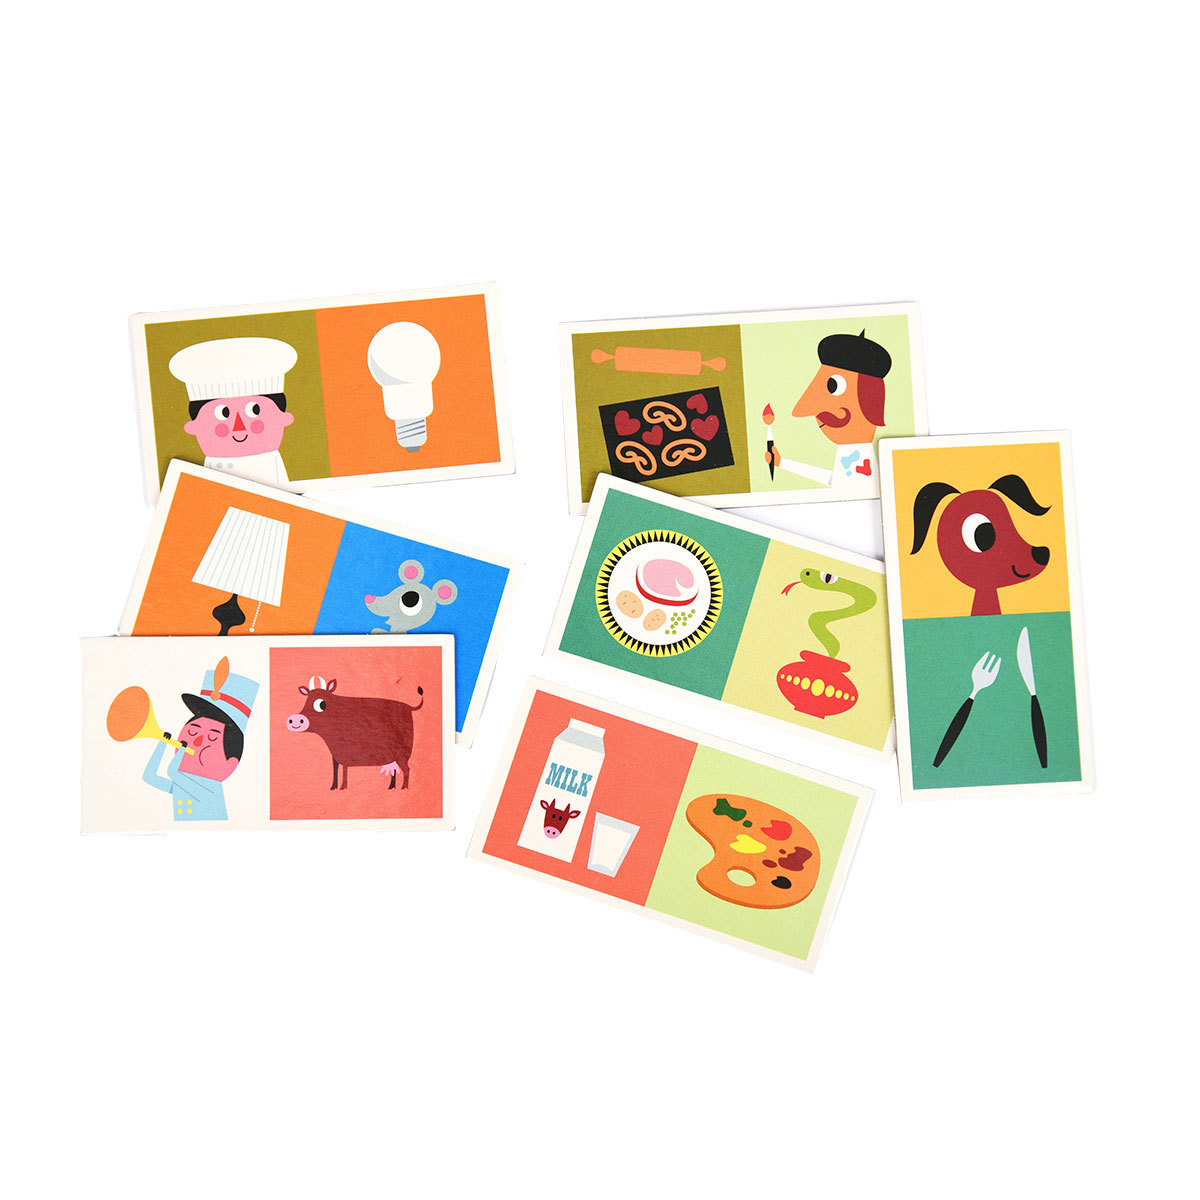 Mes premiers jouets Jeu de Dominos par Ingela P. Arrhenius